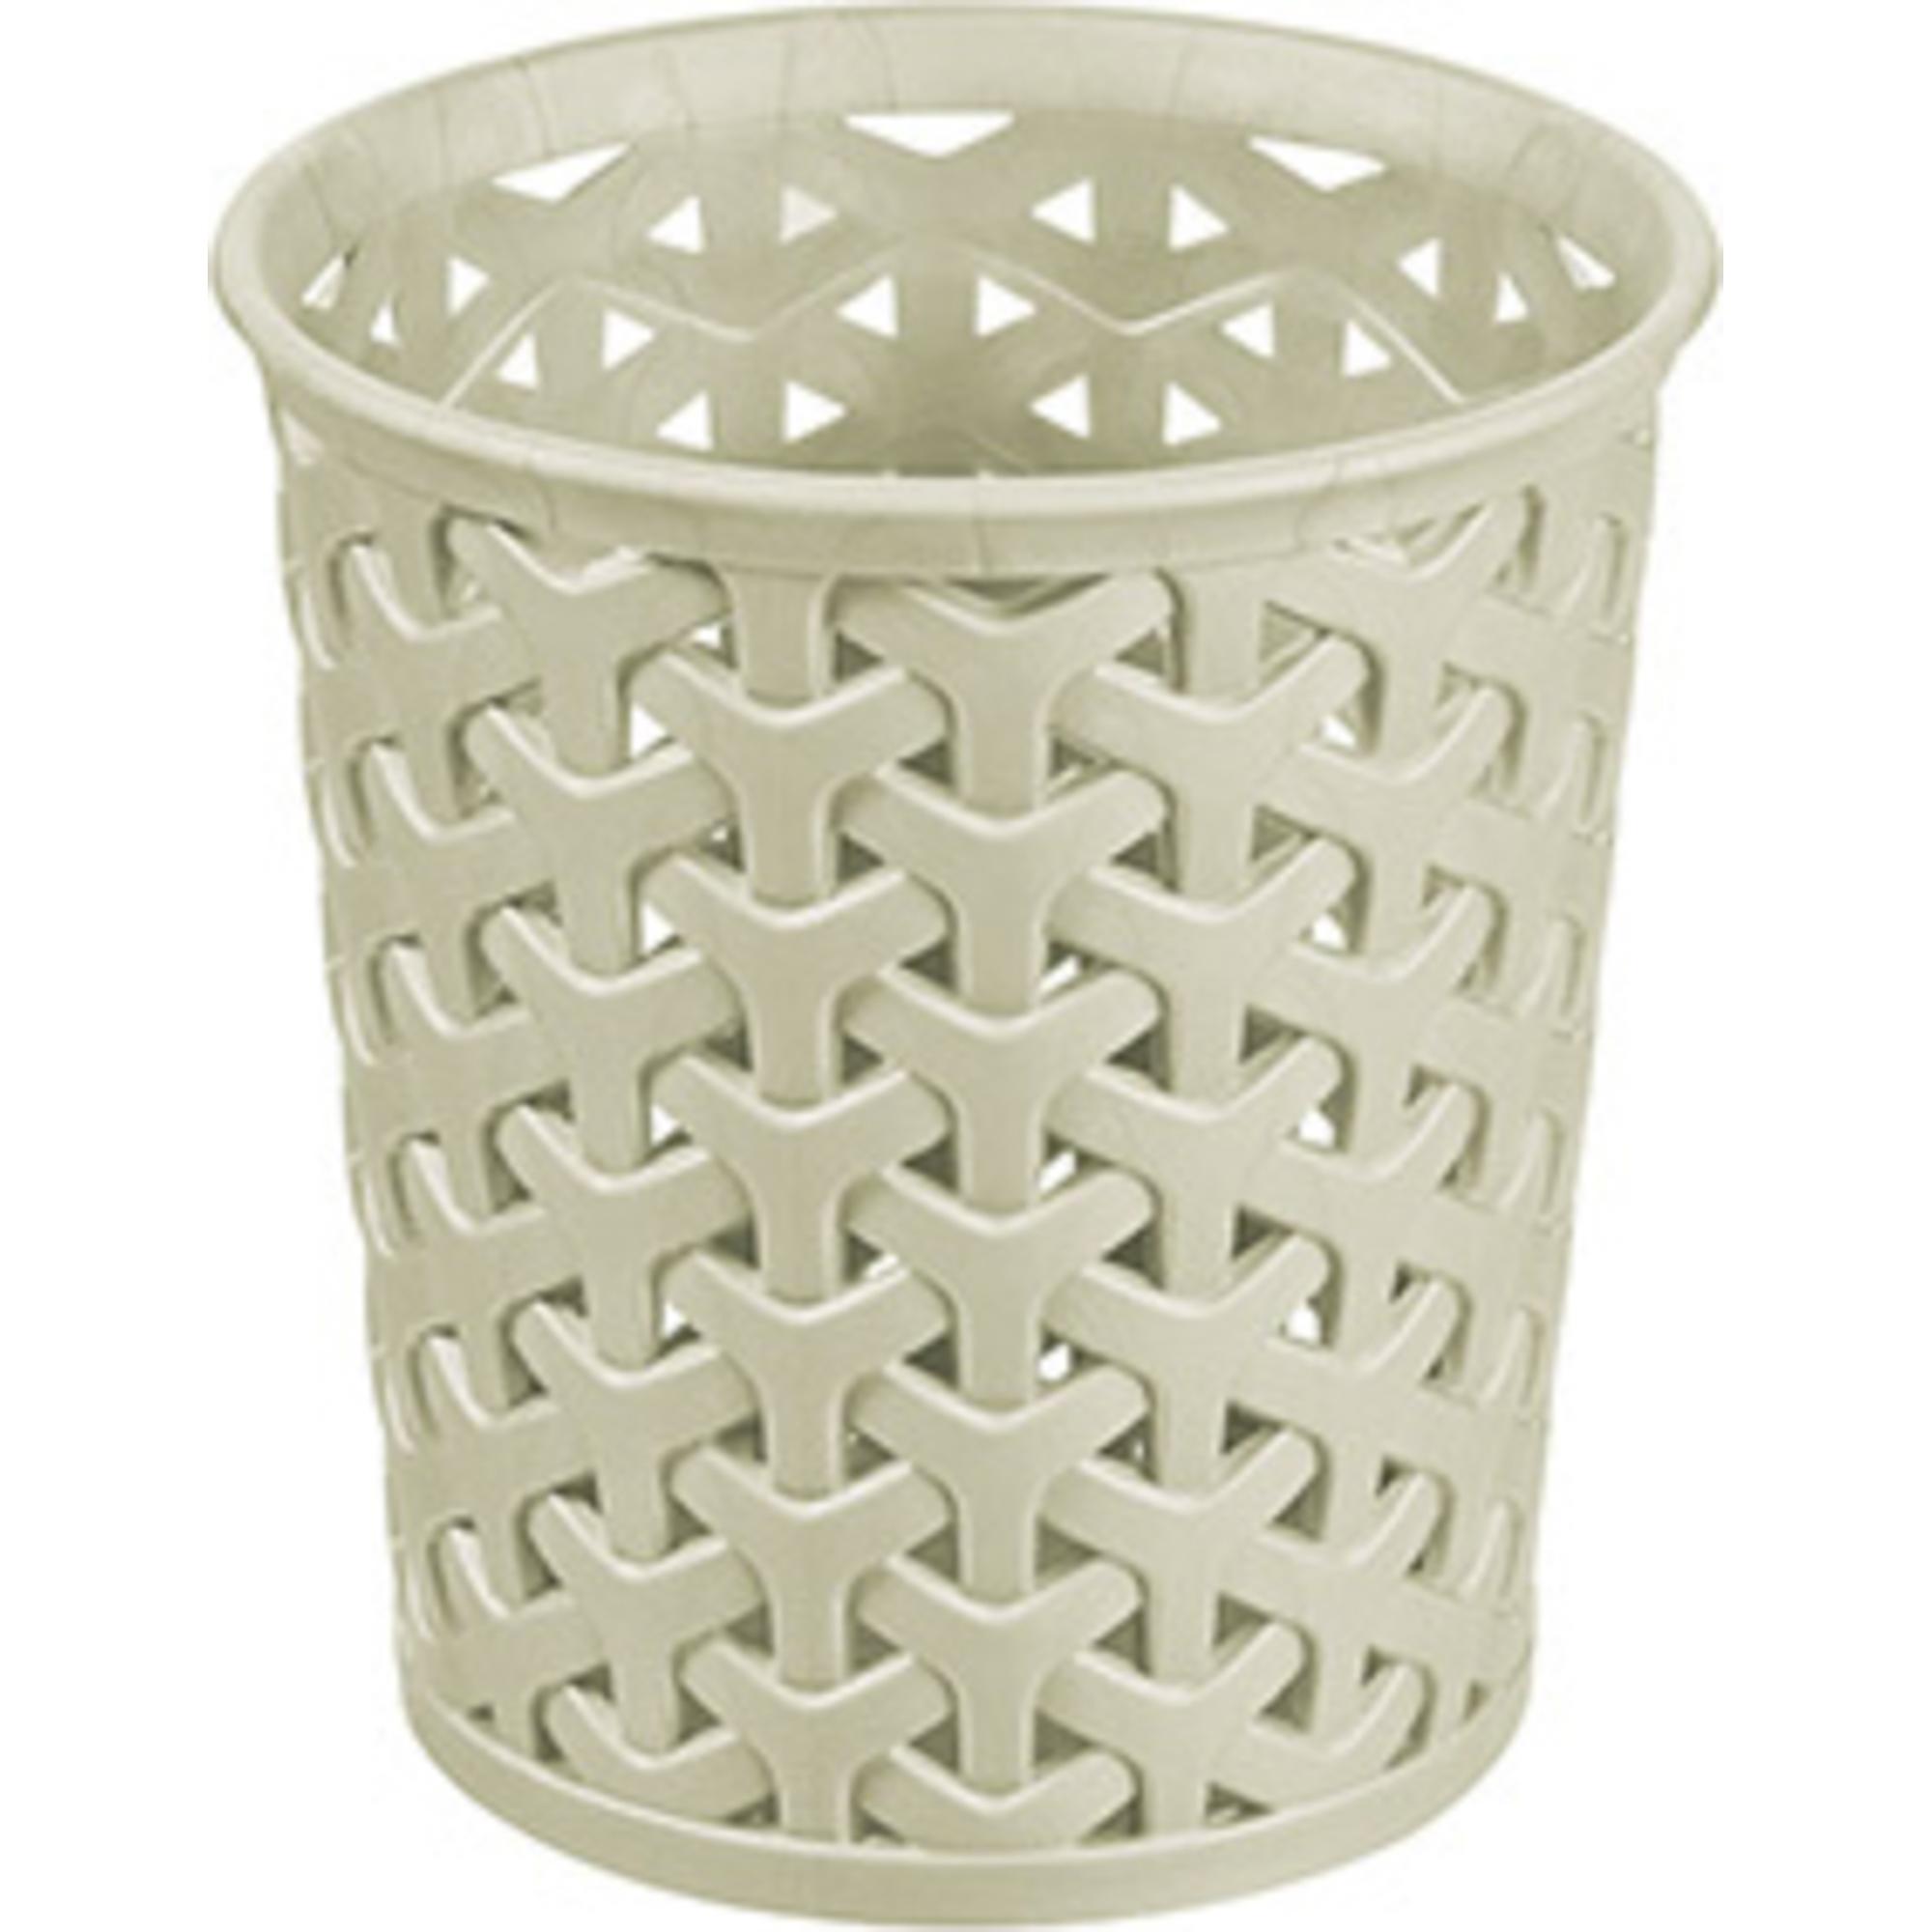 Купить Контейнер l my style кремовый (218656/00717-885-00), Curver, контейнер, Венгрия, пластик